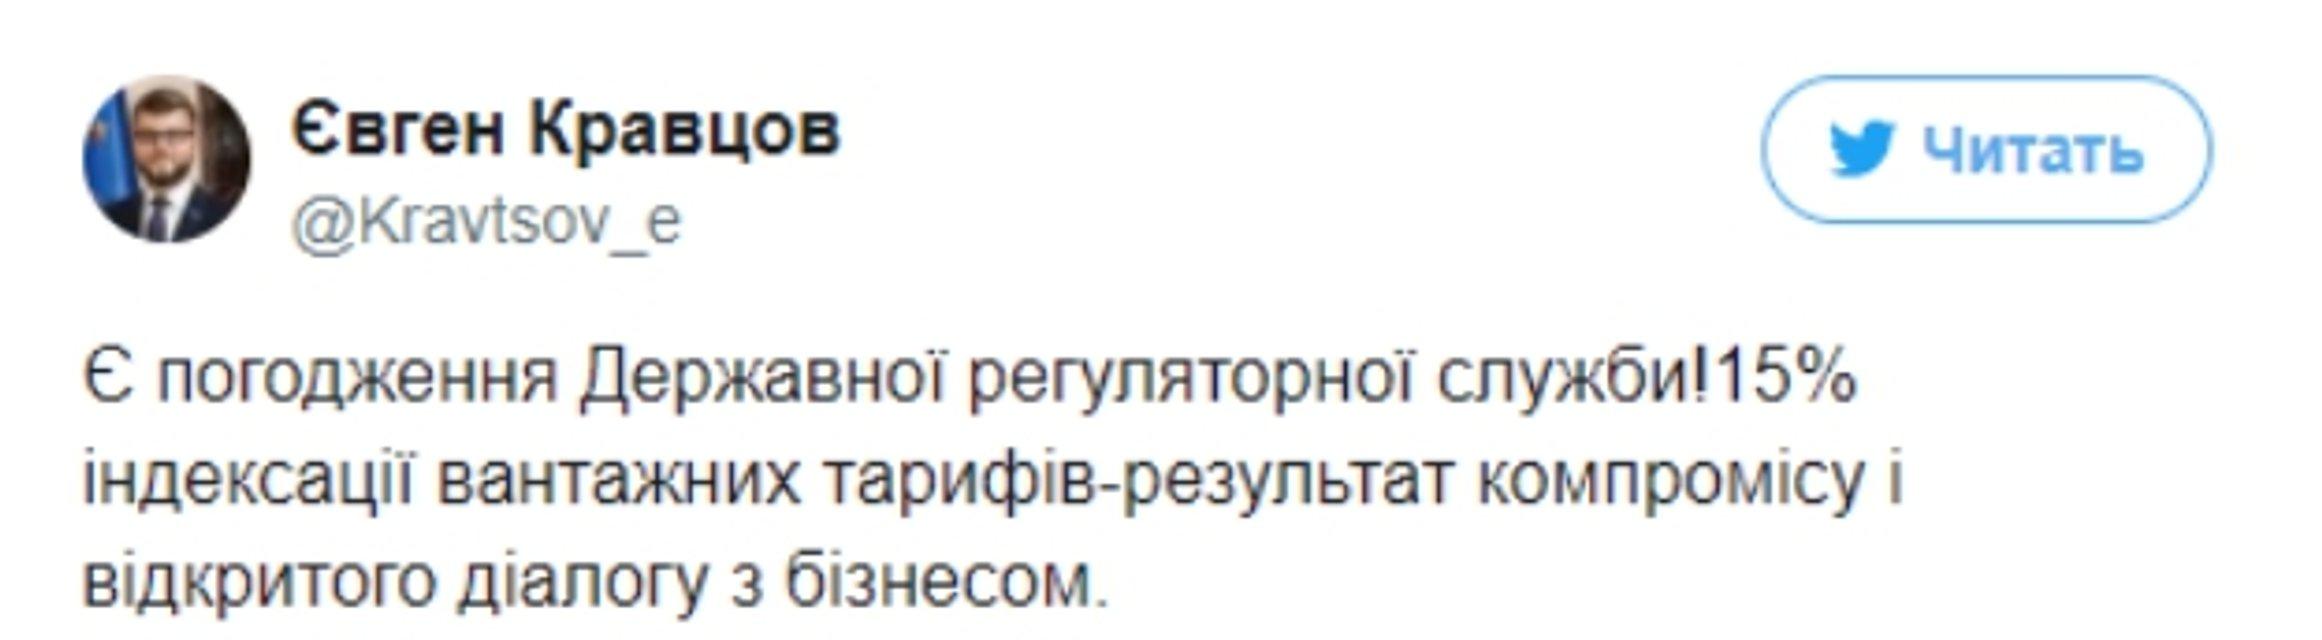 Укрзализныця поднимет тарифы на 15% - фото 82471